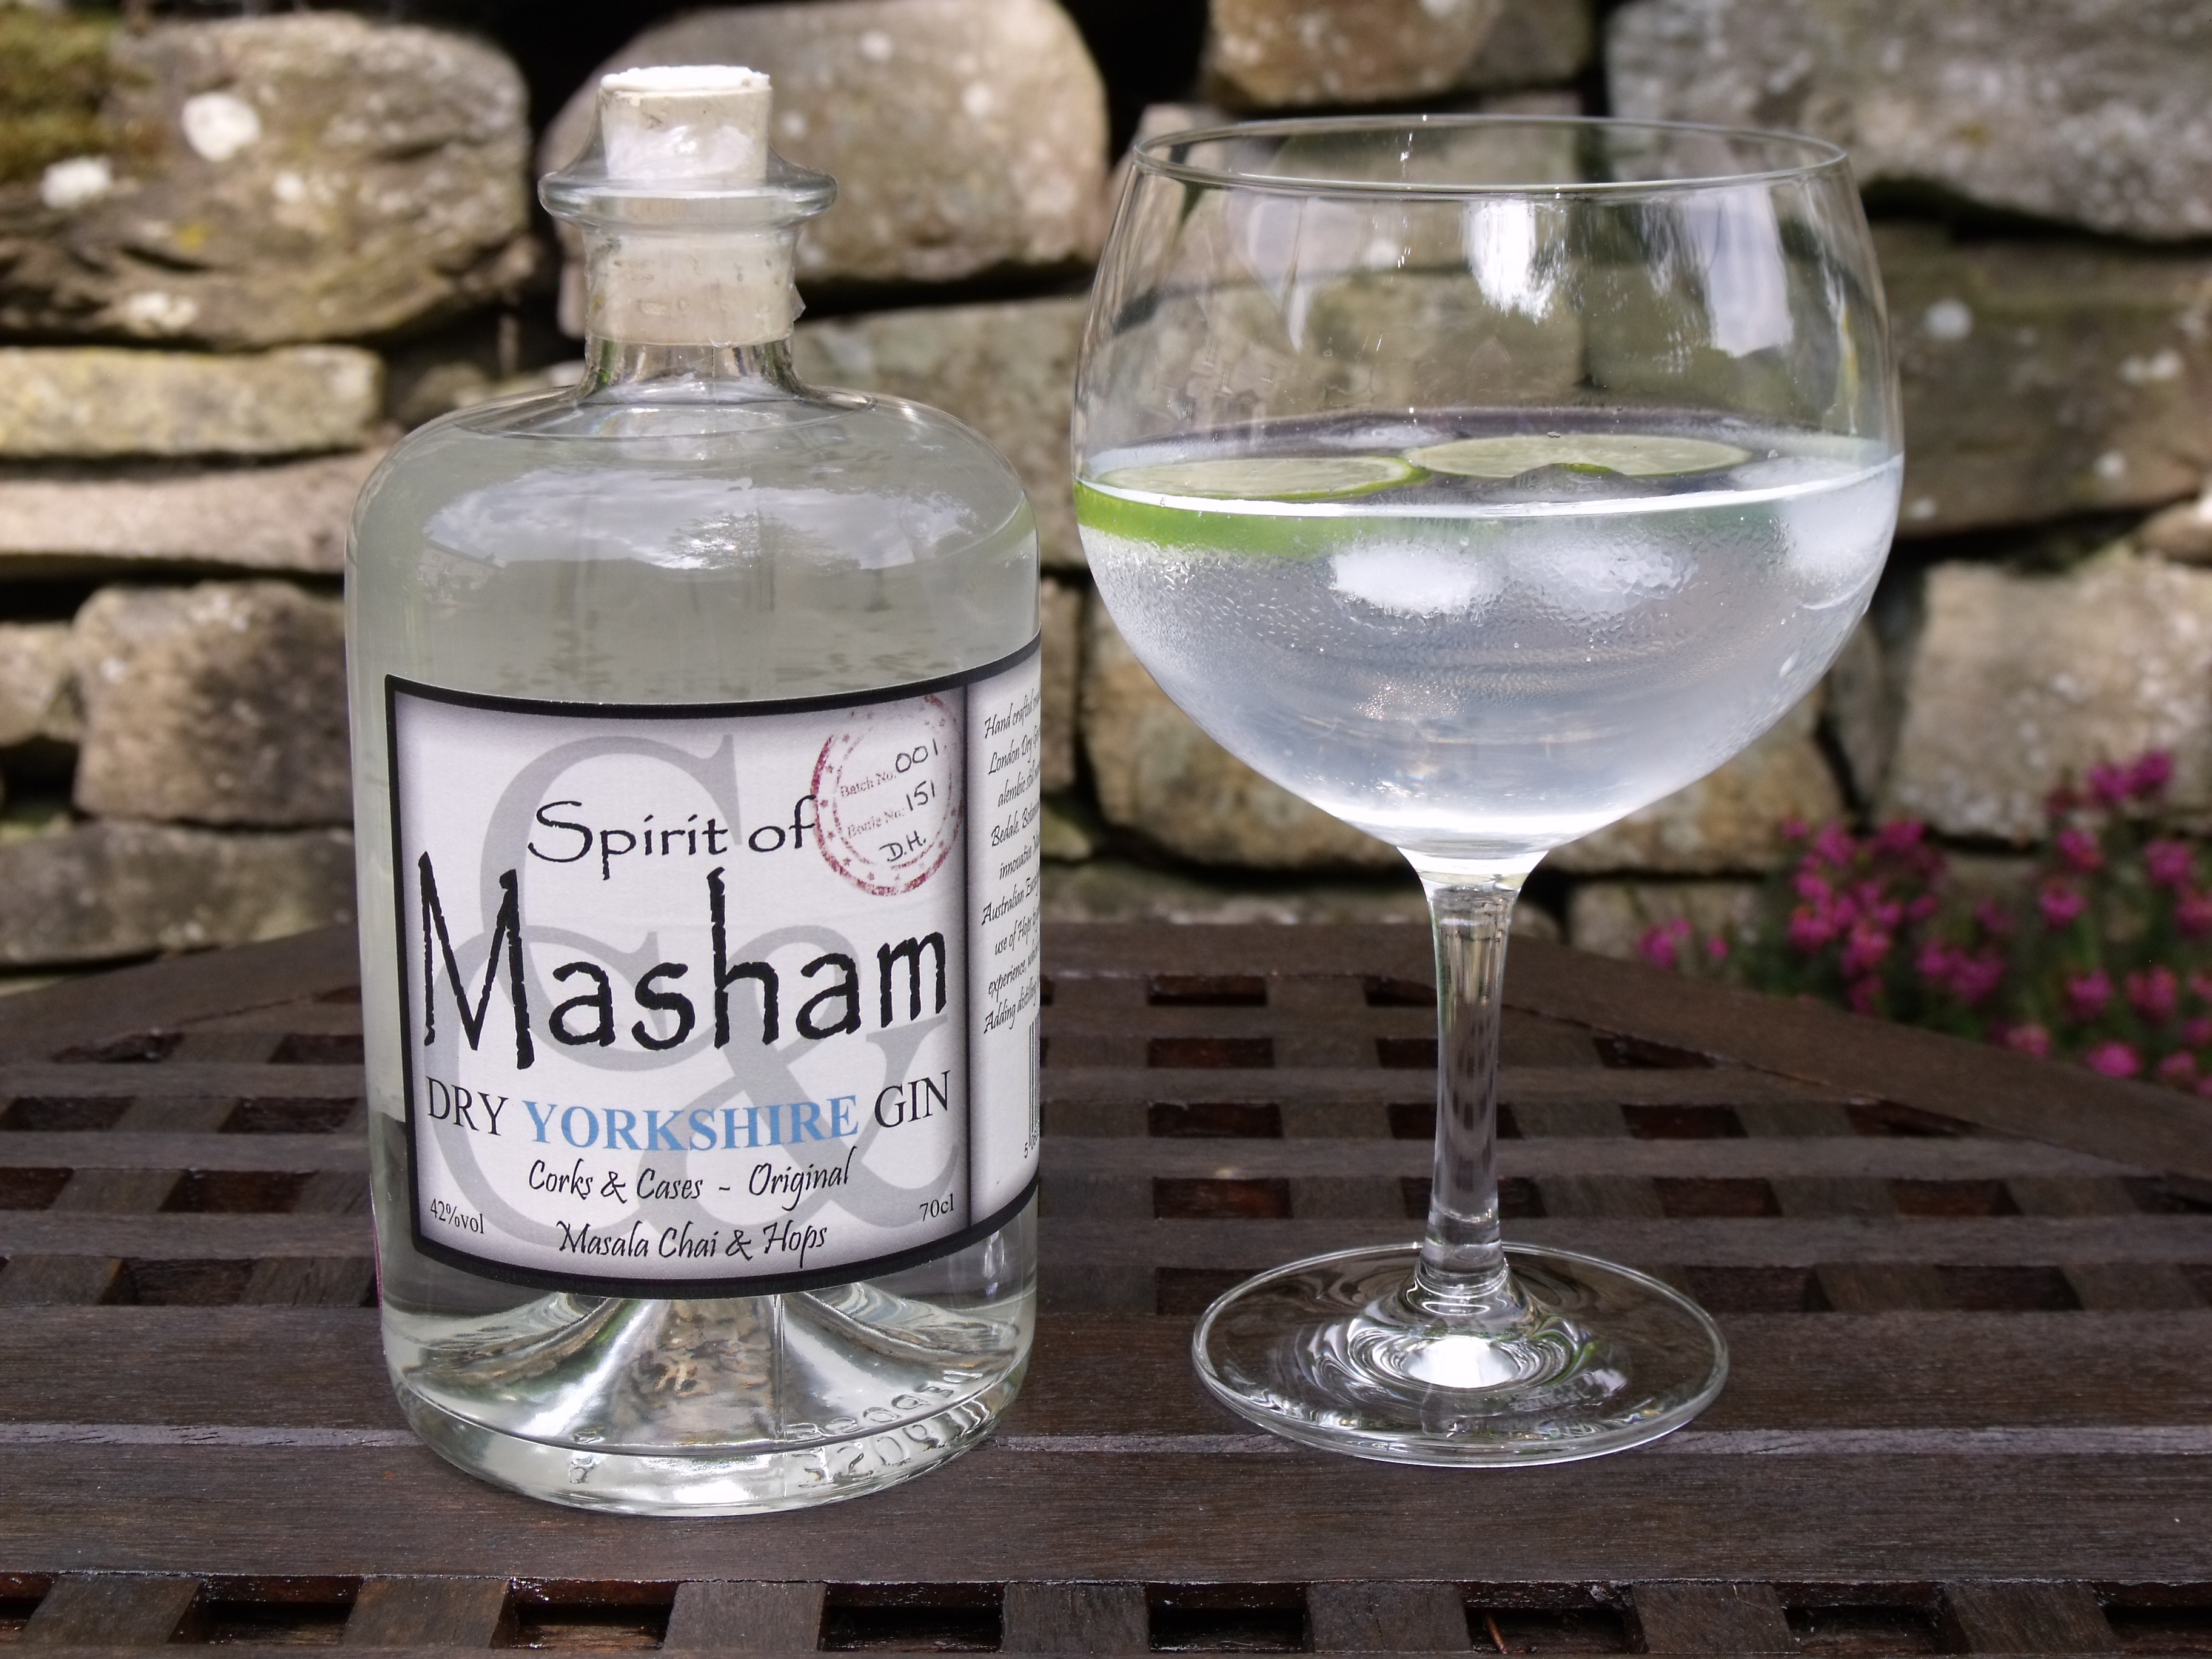 Spirit of Masham